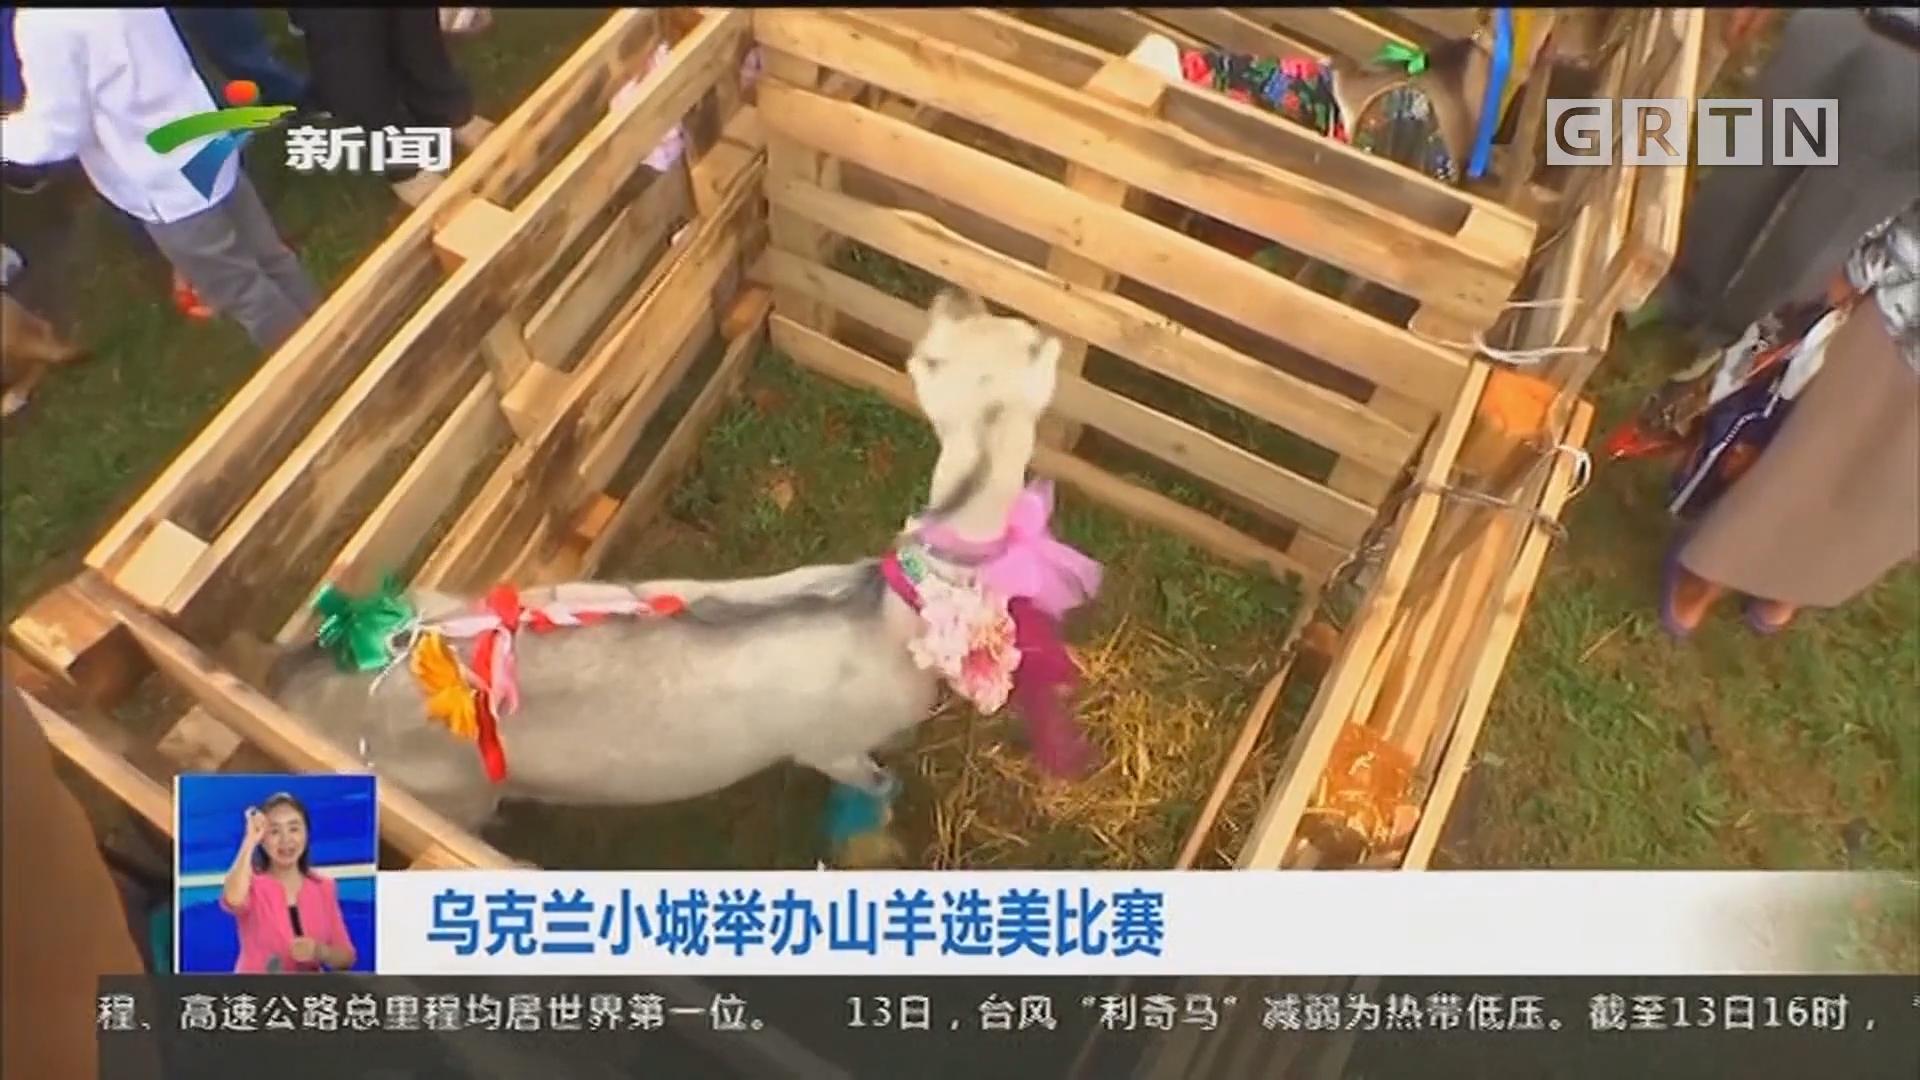 烏克蘭小城舉辦山羊選美比賽